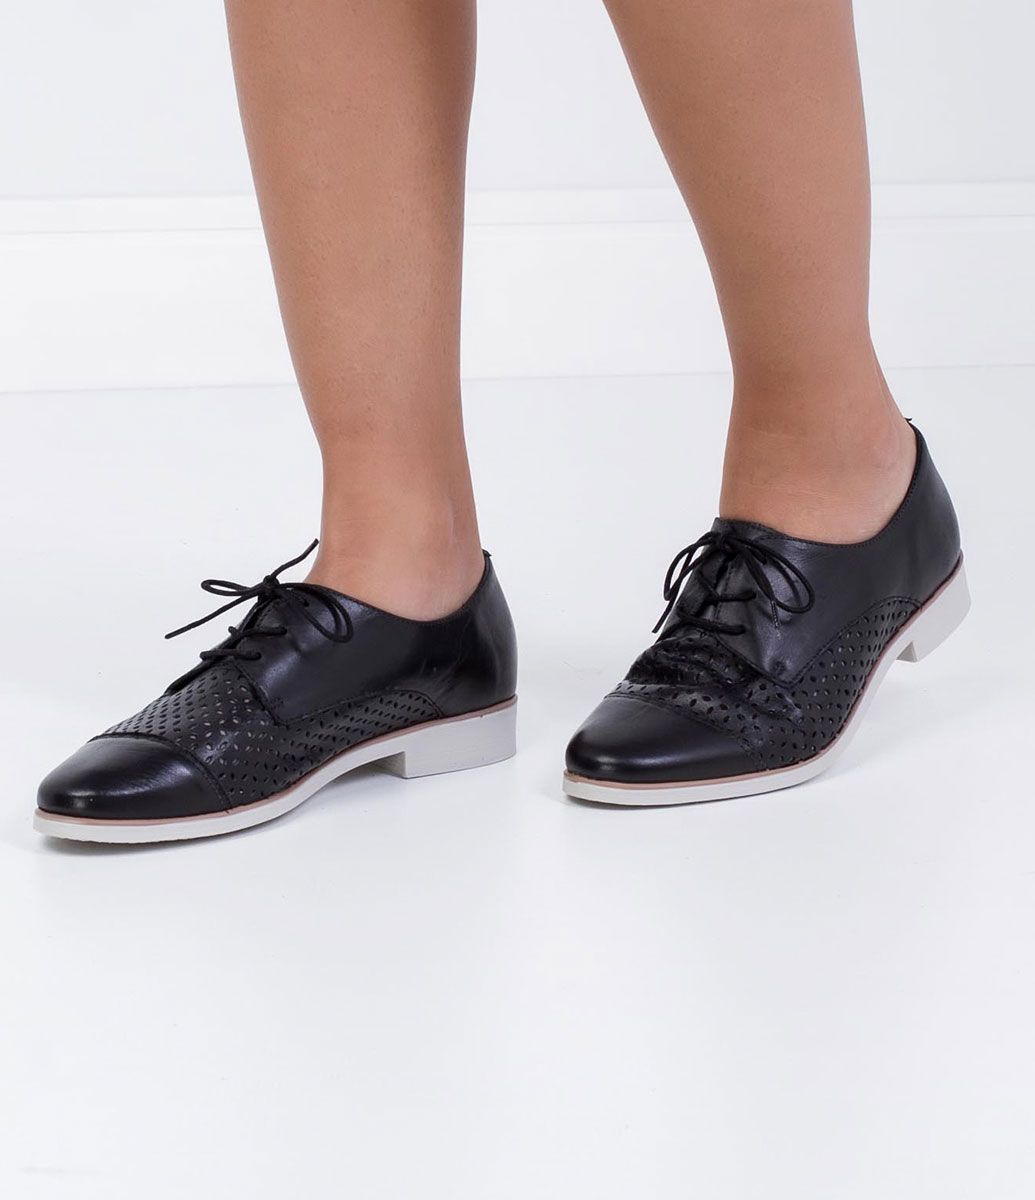 0a965d8b7 Sapato Feminino Bottero em Couro Oxford Vazado - Lojas Renner | shoes